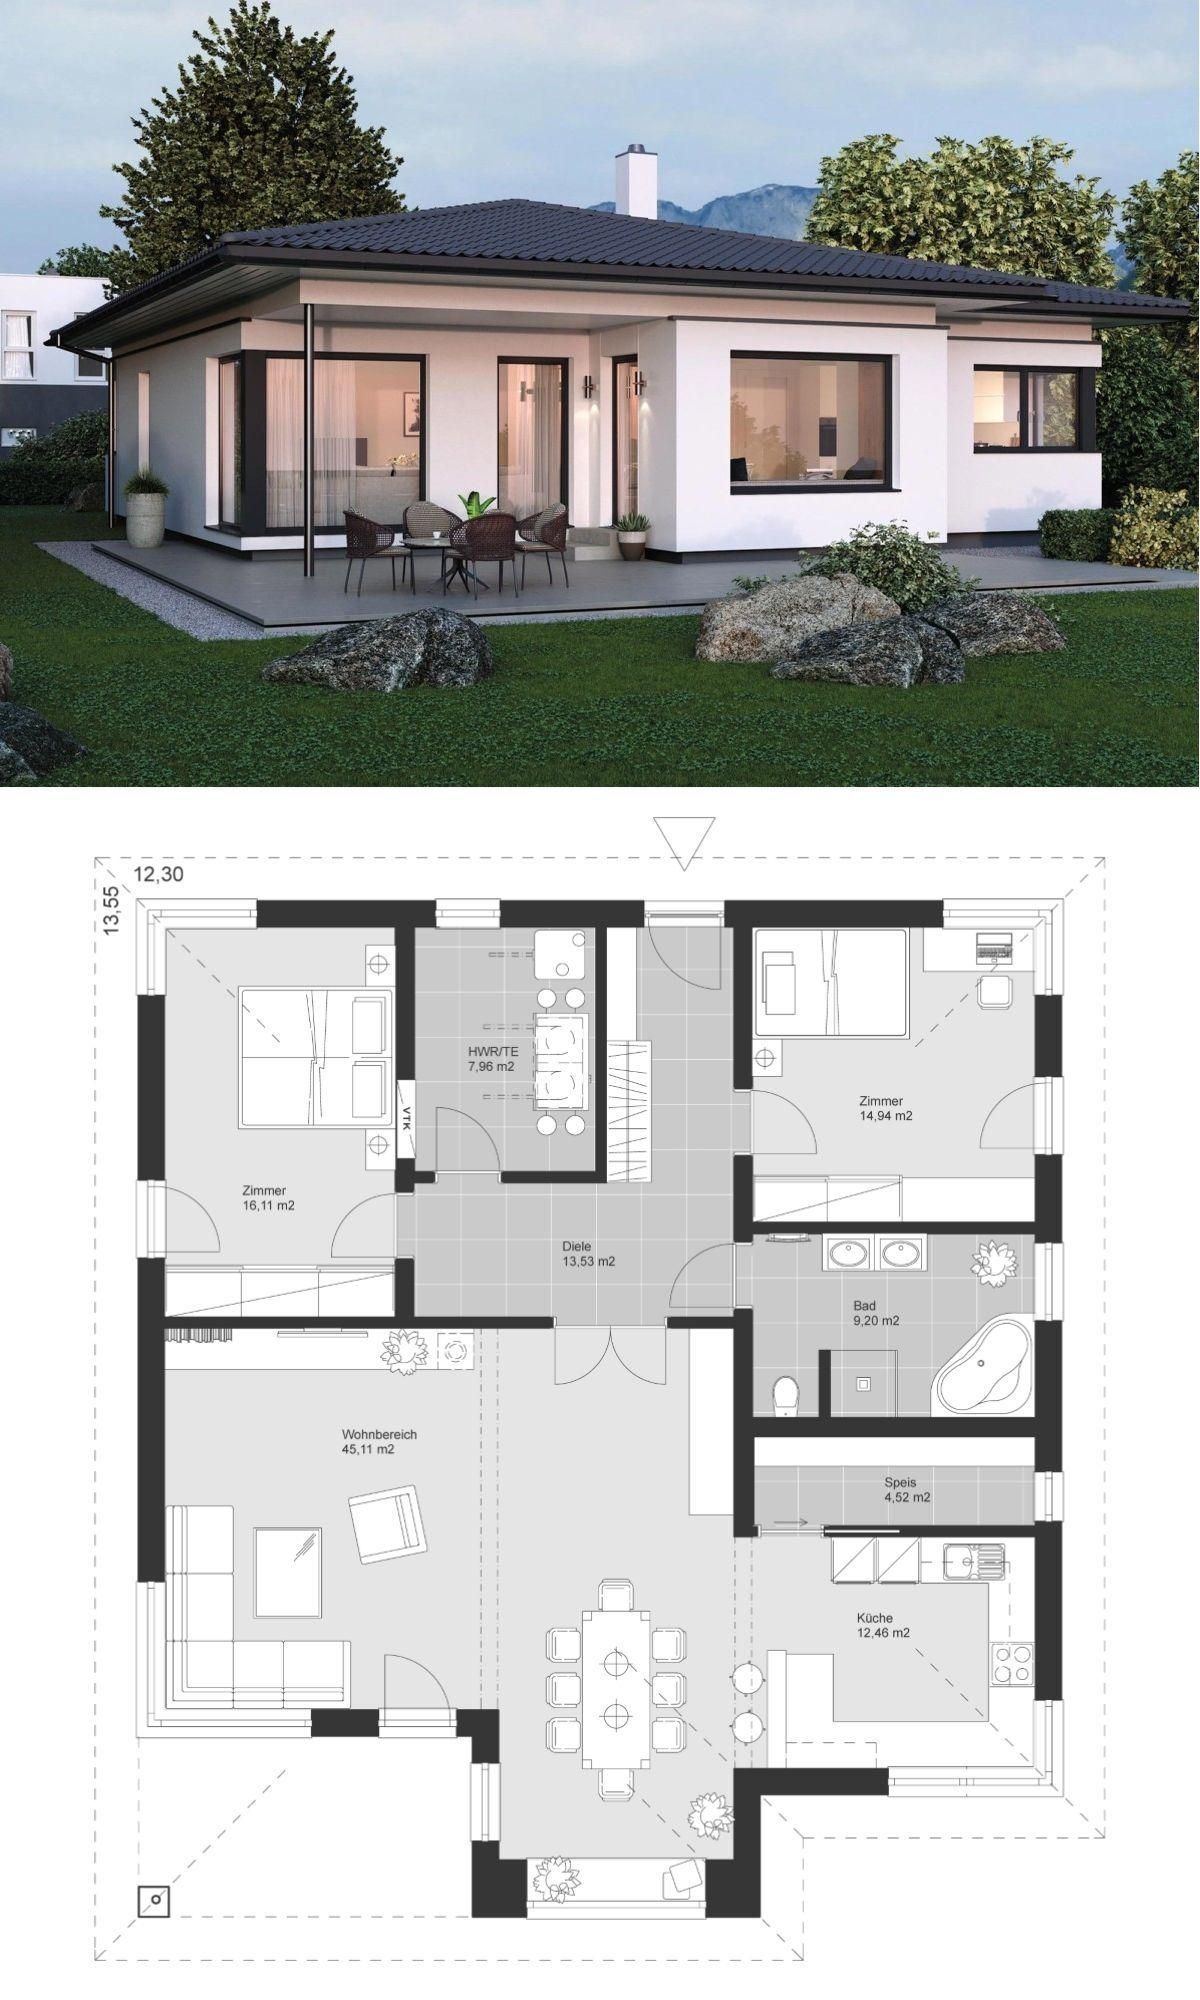 Design bungalow modern mit walmdach architektur  zimmer grundriss einfamilienhaus bauen ideen elk haus von fertighaus hausbaudirekt also pin by althaf sharafudeen on house rh pinterest